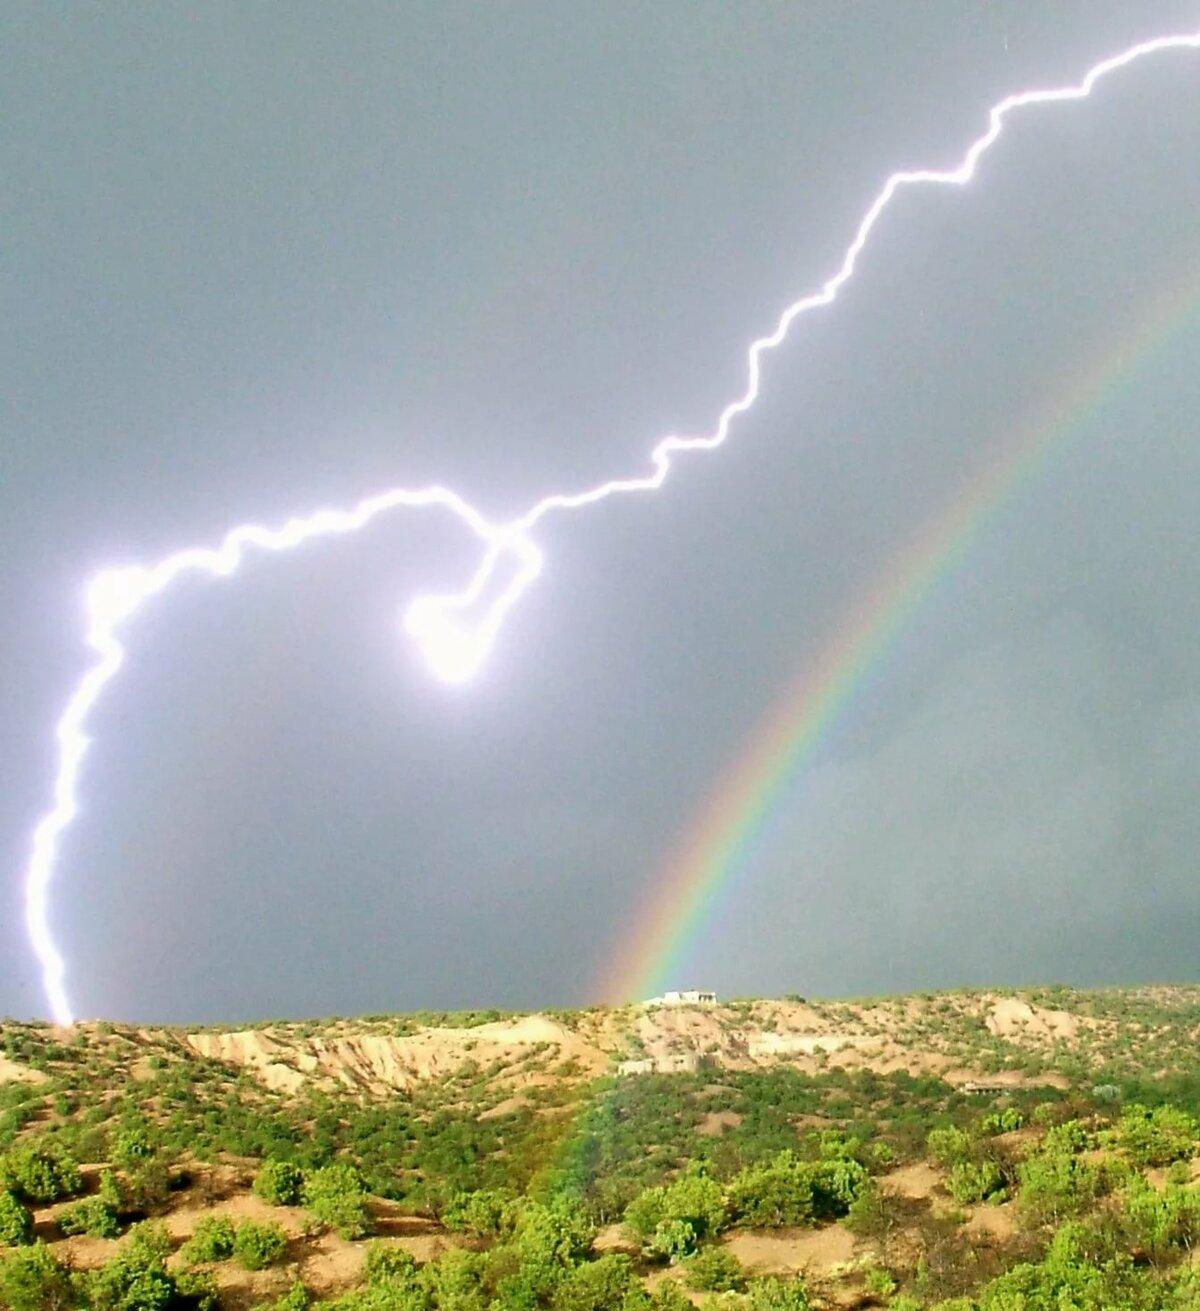 группе картинки радужные молния каталог штыков